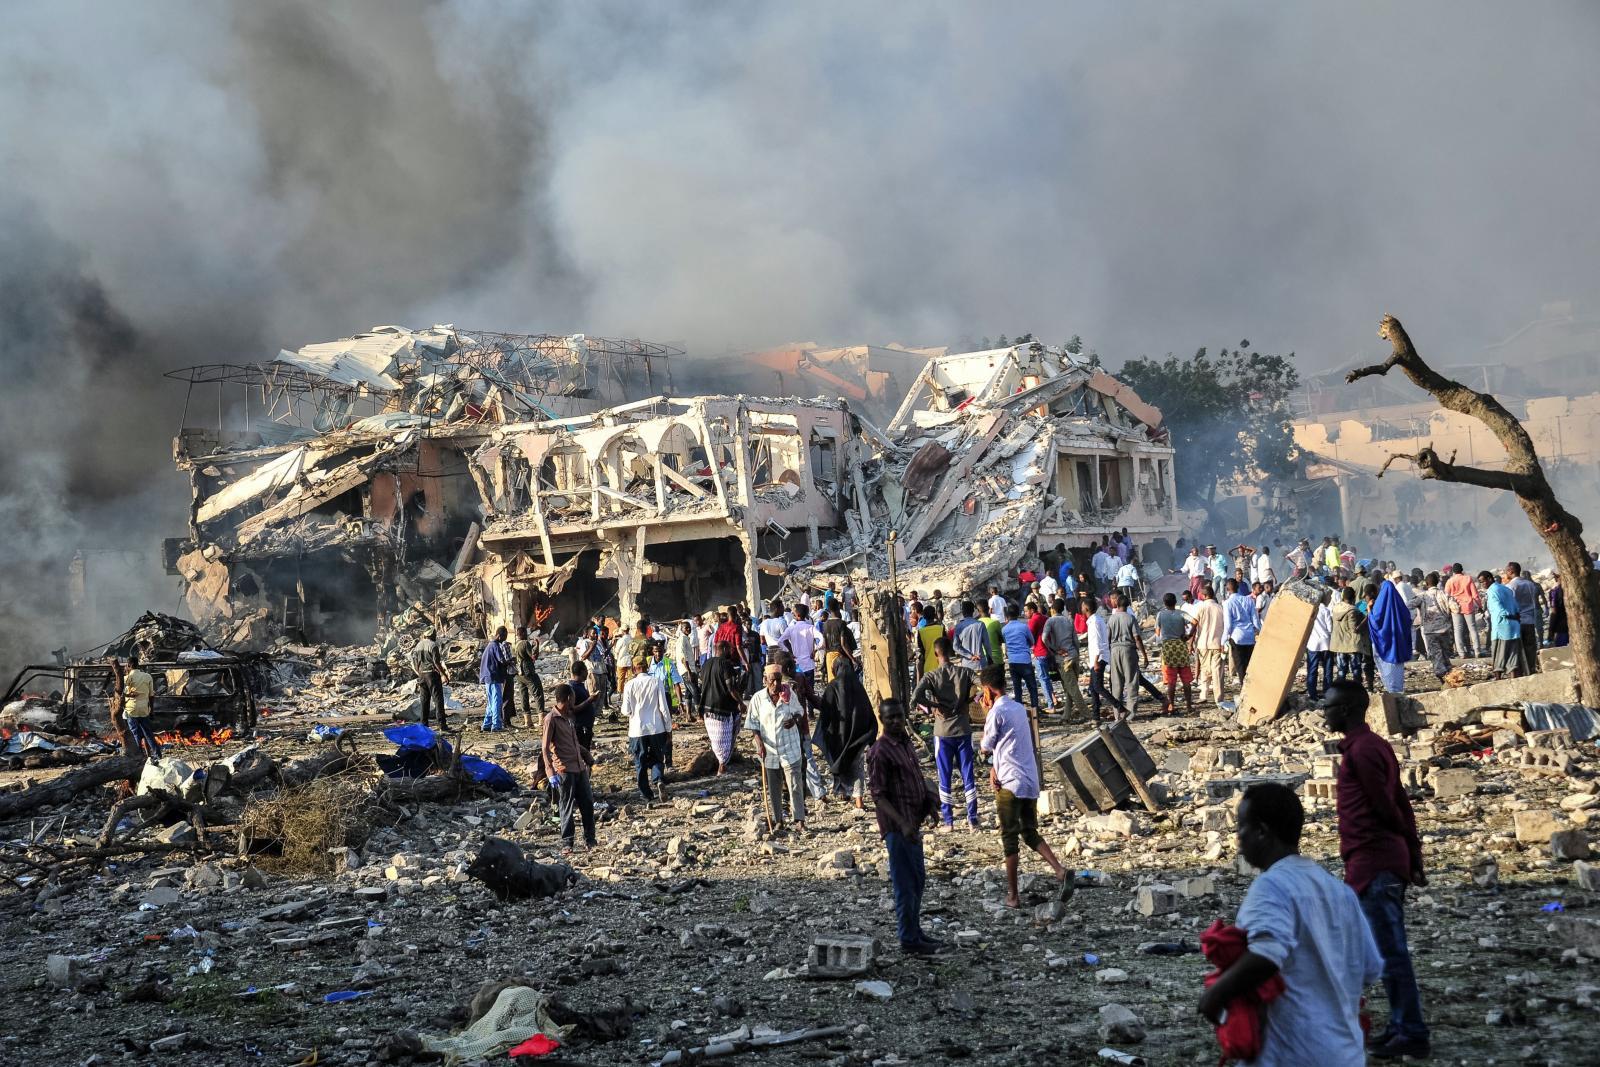 ผู้นำโลกร่วมประณามเหตุระเบิดโซมาเลีย สังเวย 276 ศพ